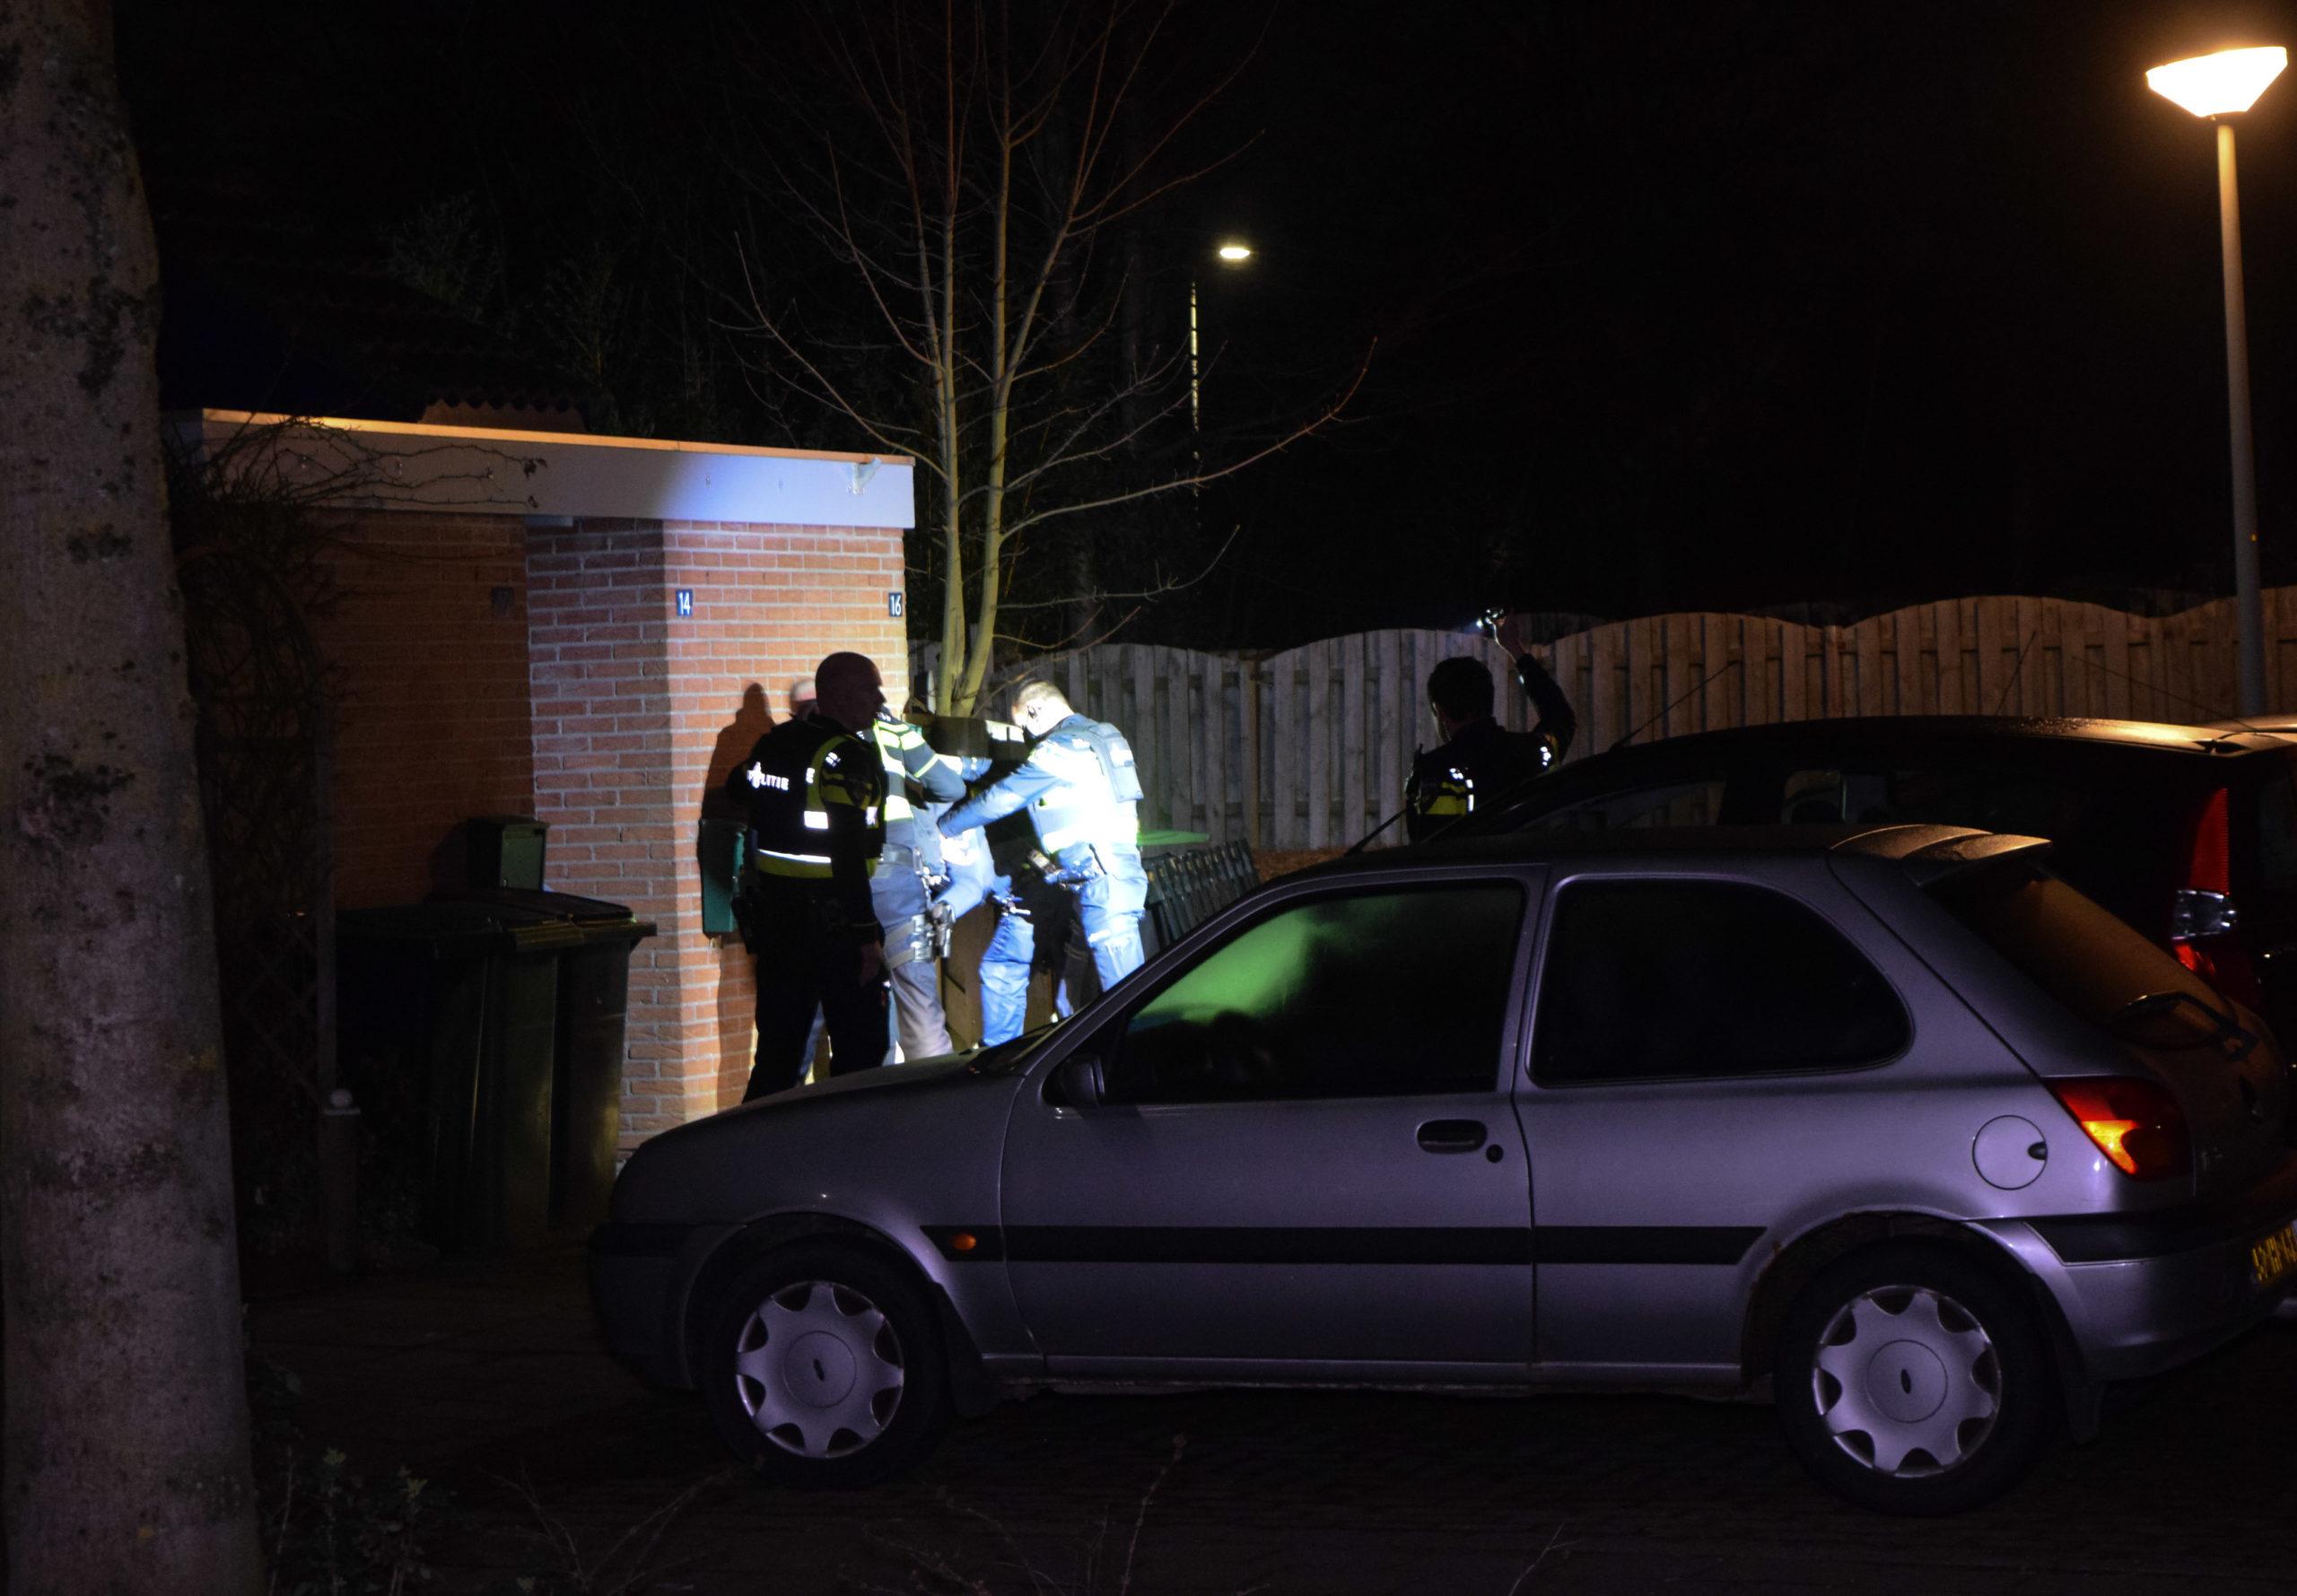 Vrouw die gewond raakte bij schietincident in woning te Didam is buiten levensgevaar